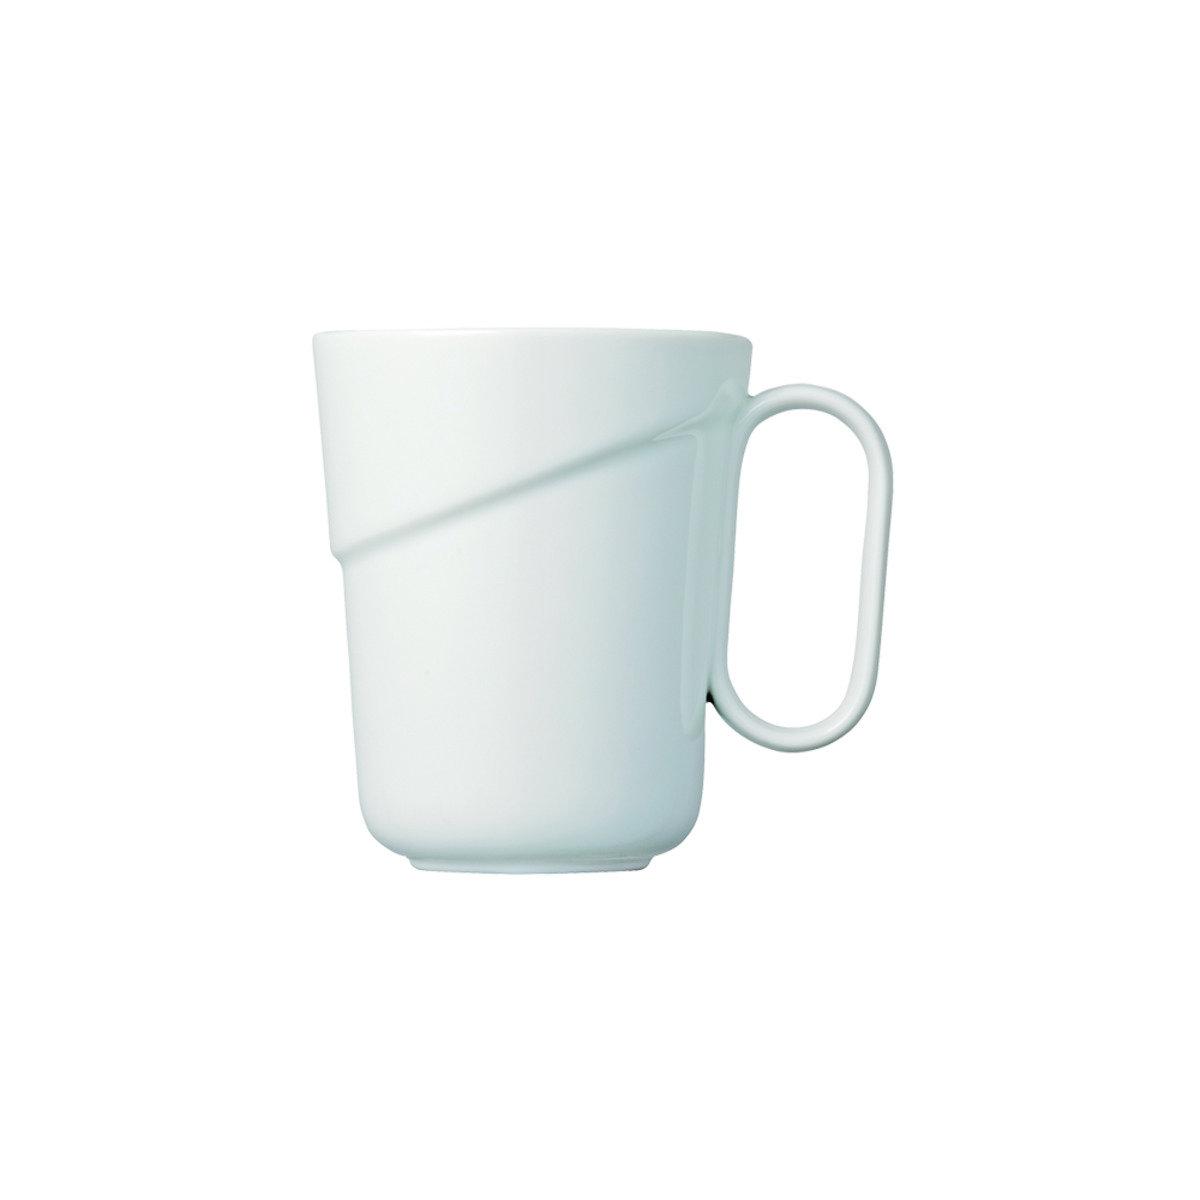 RIDGE 馬克杯